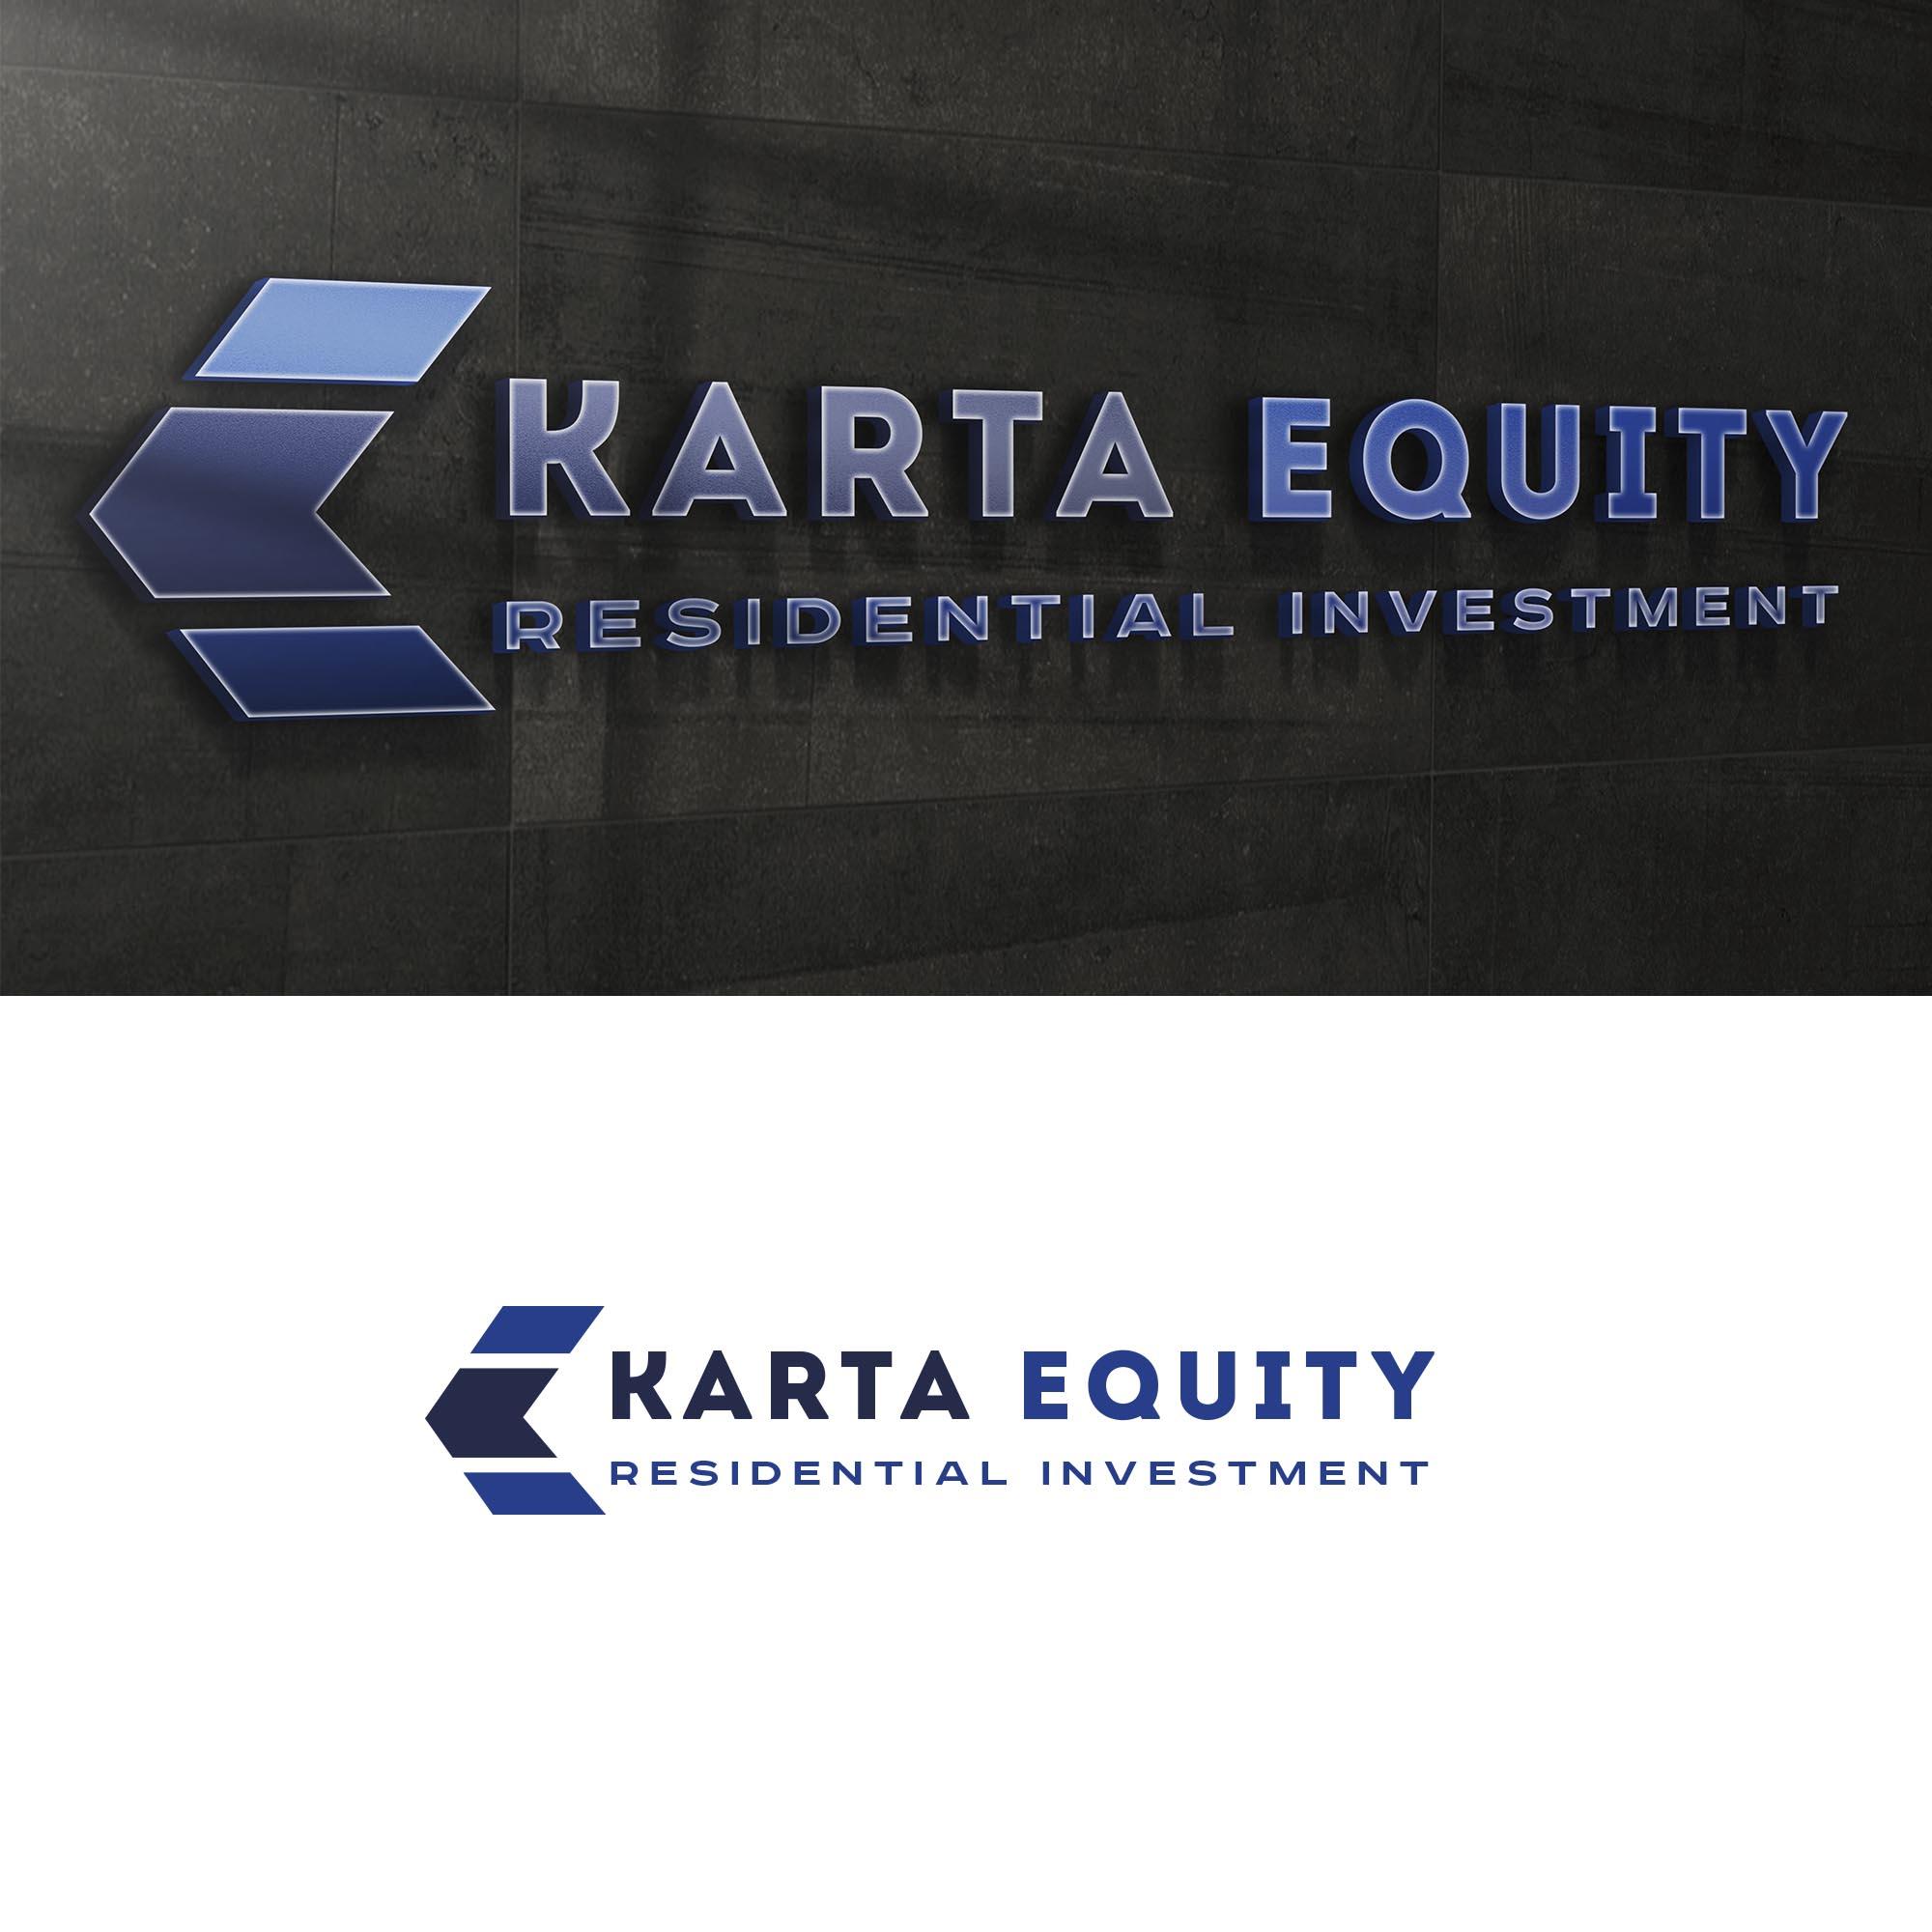 Логотип для компании инвестироваюшей в жилую недвижимость фото f_1175e19edb7ce898.jpg